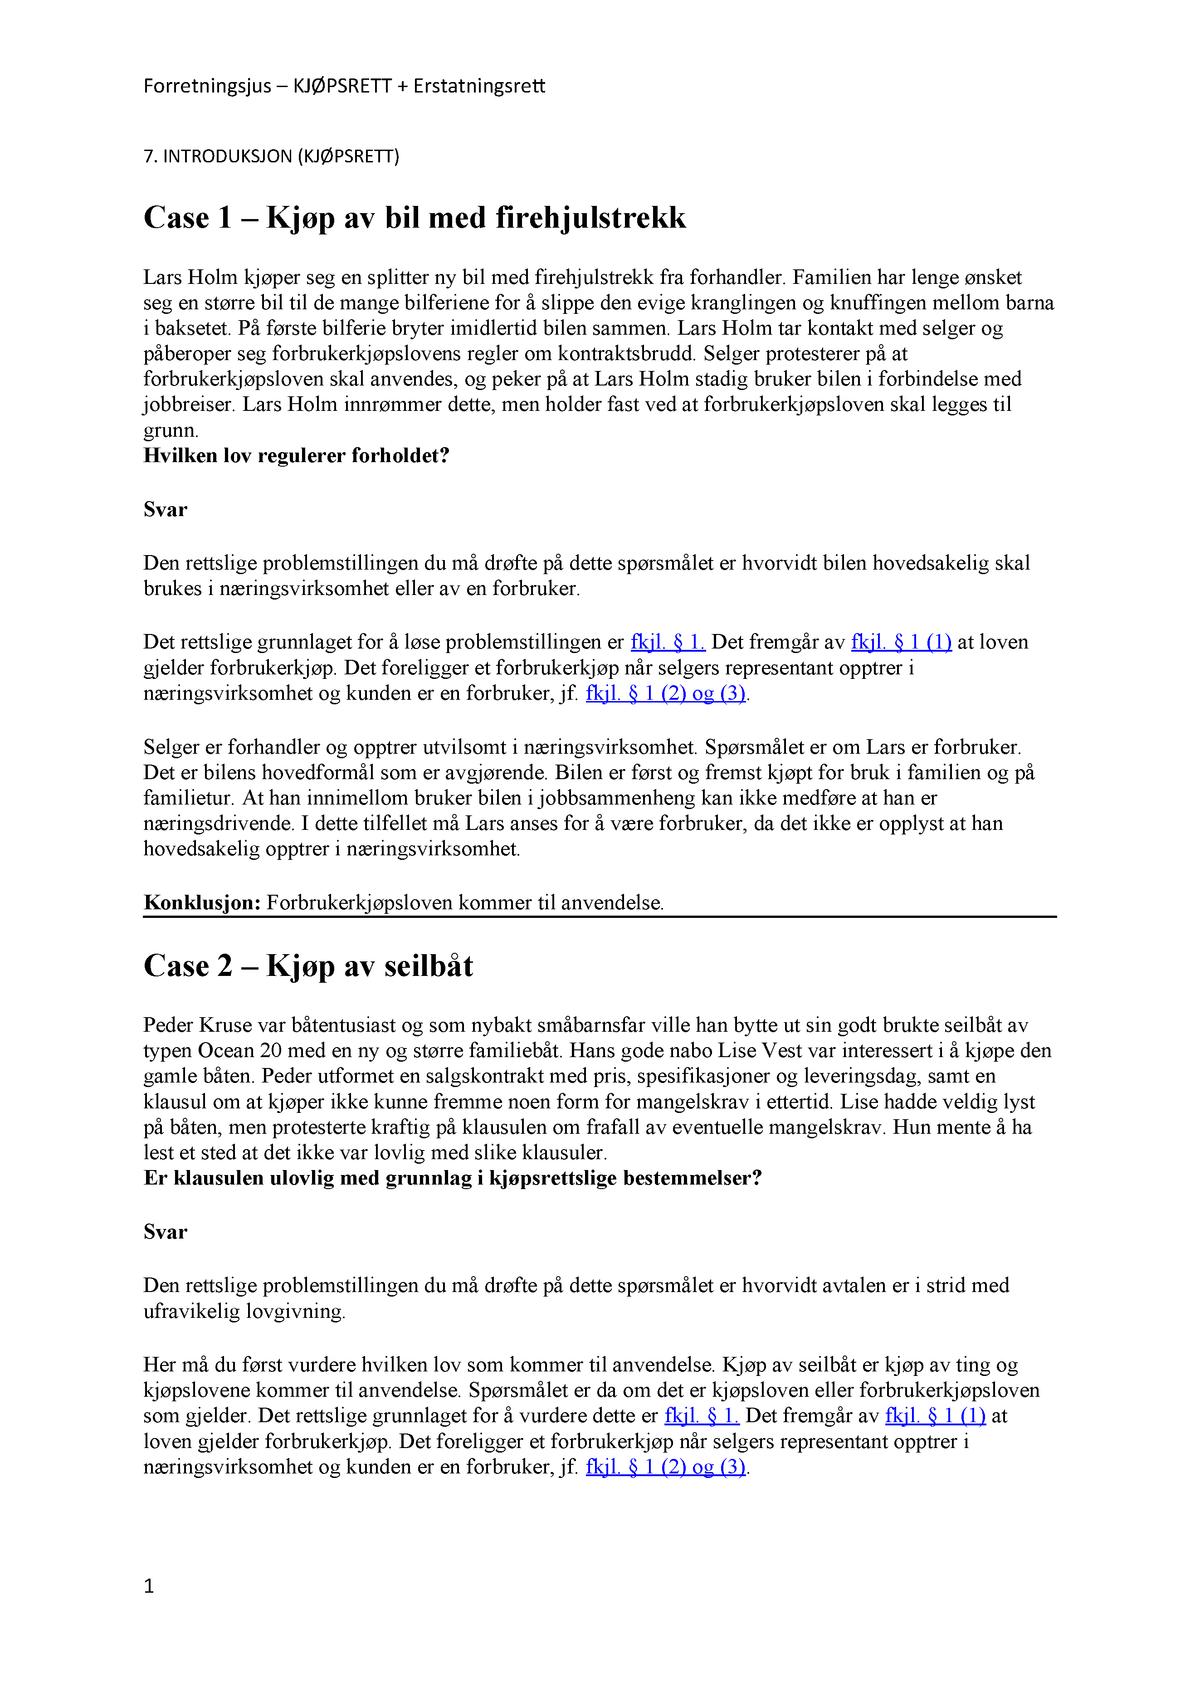 bf4dec7ac Cases-Kjøpsrett-Erstatningsrett - JUR 3420: Forretningsjus - StuDocu